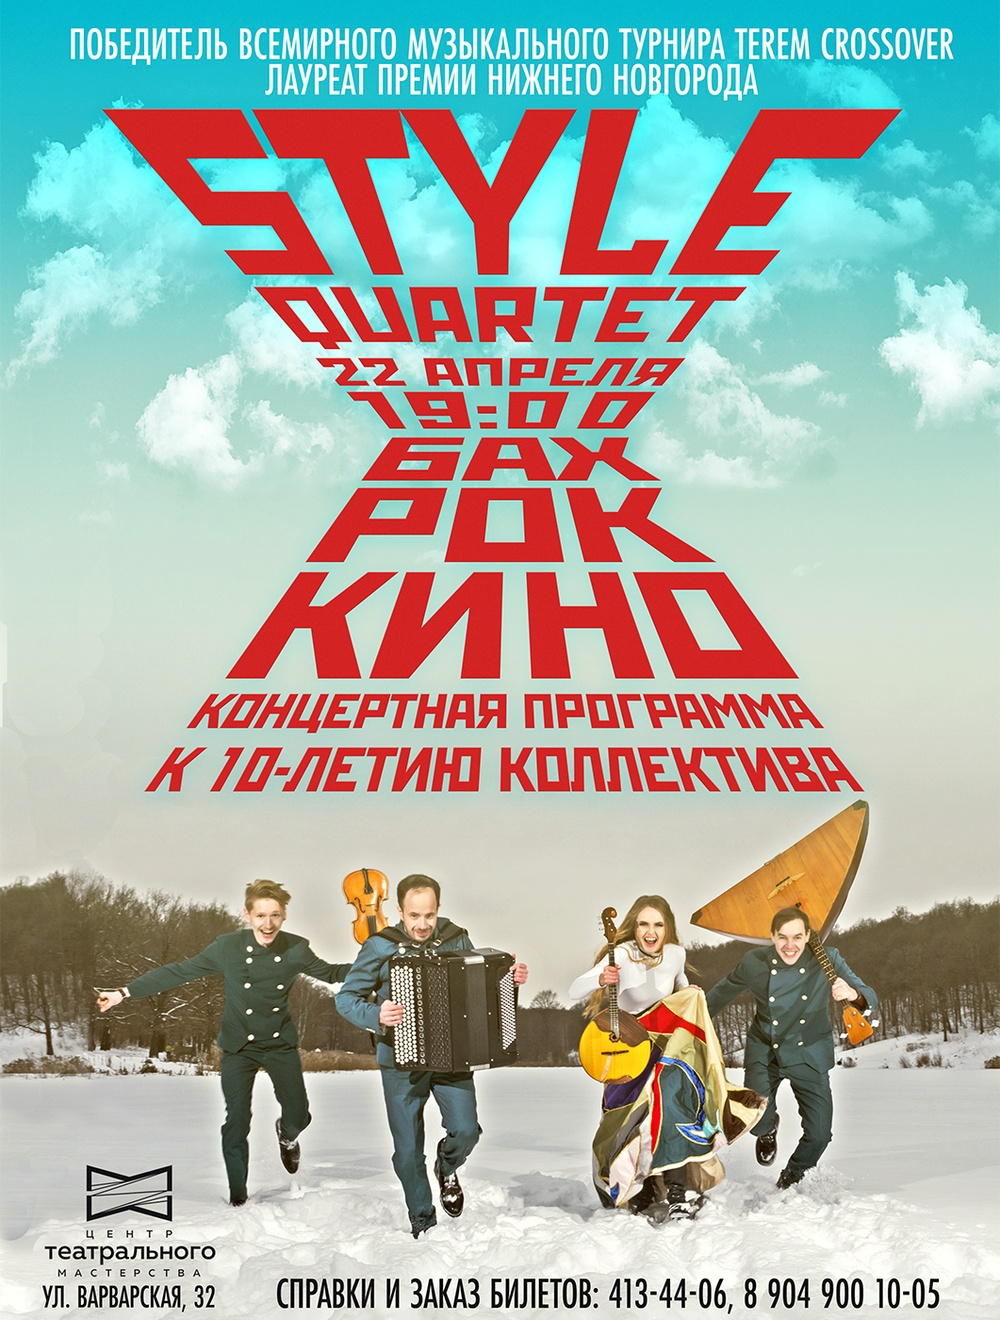 Концерт «Бах. Рок. Кино», посвящённый десятилетию известного нижегородского коллектива STYLE-QUARTET